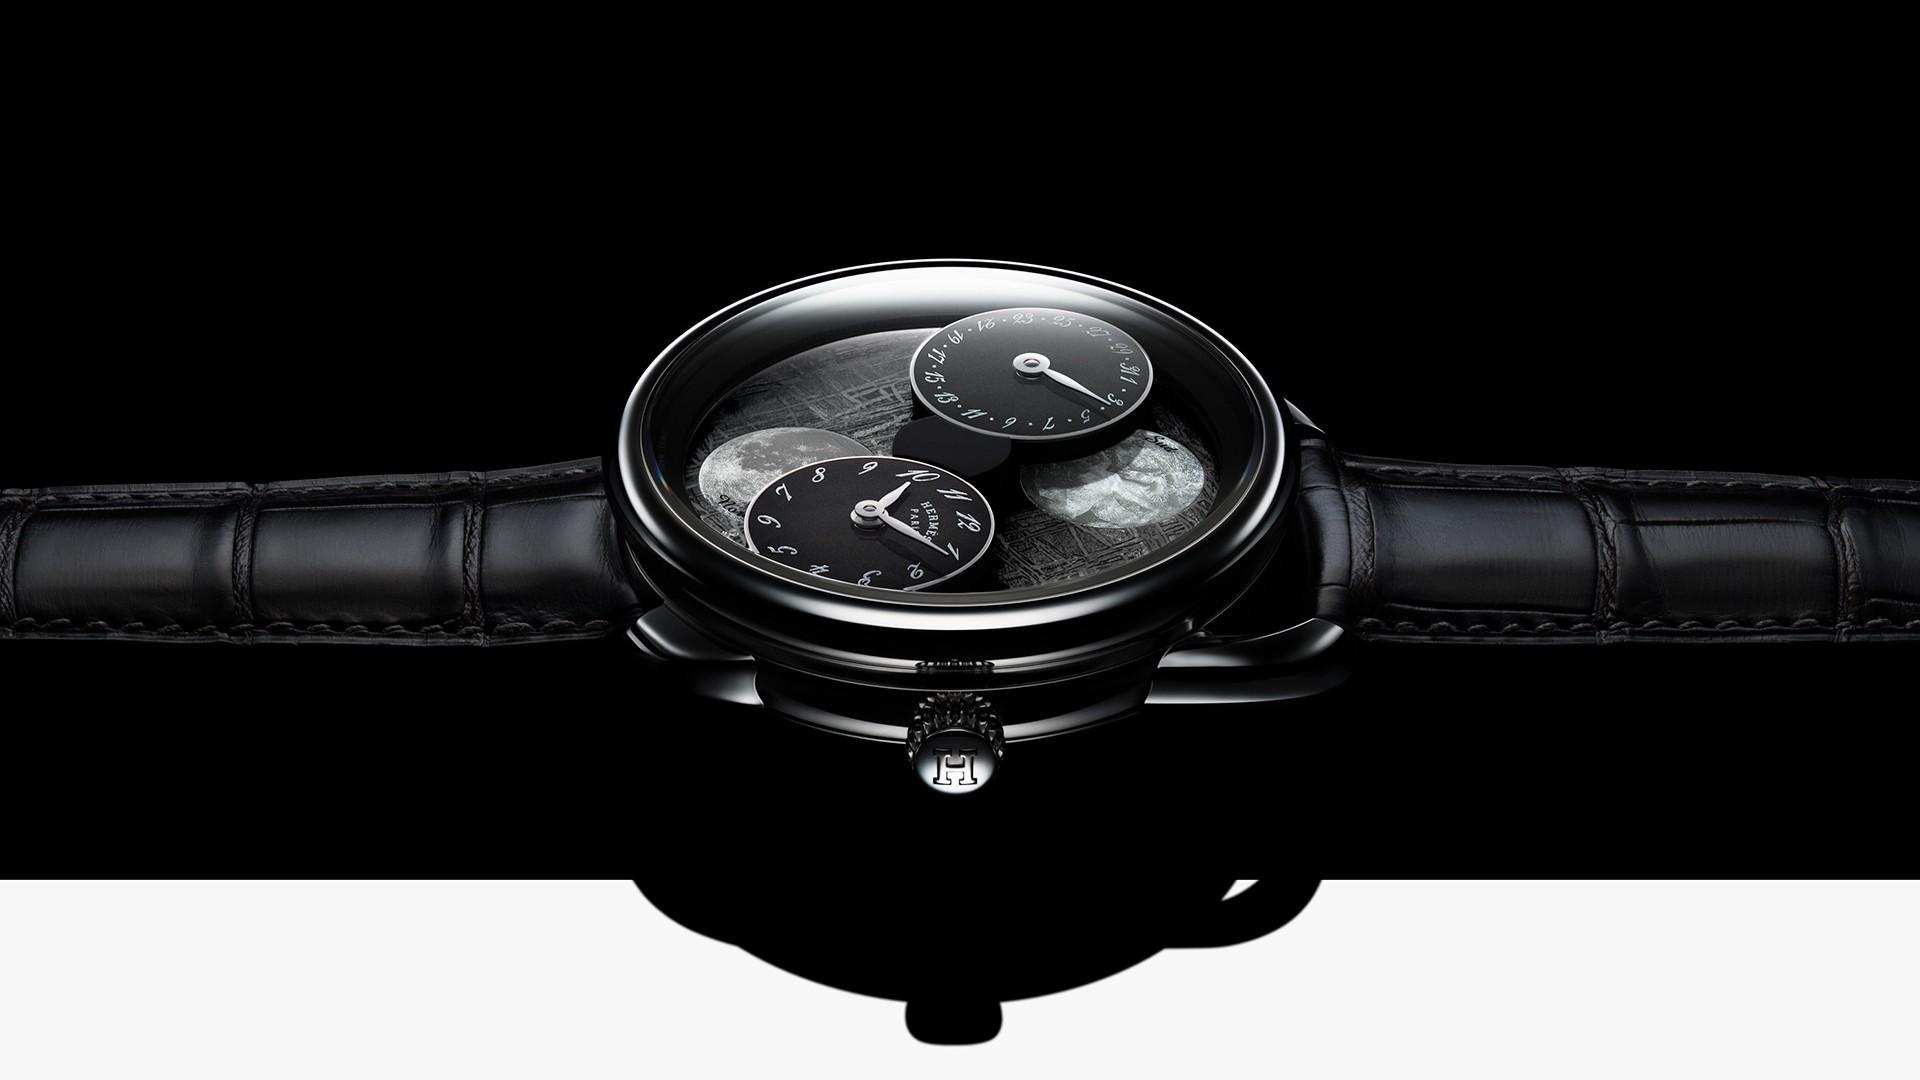 Hermès Arceau L'Heure De La Lune watch